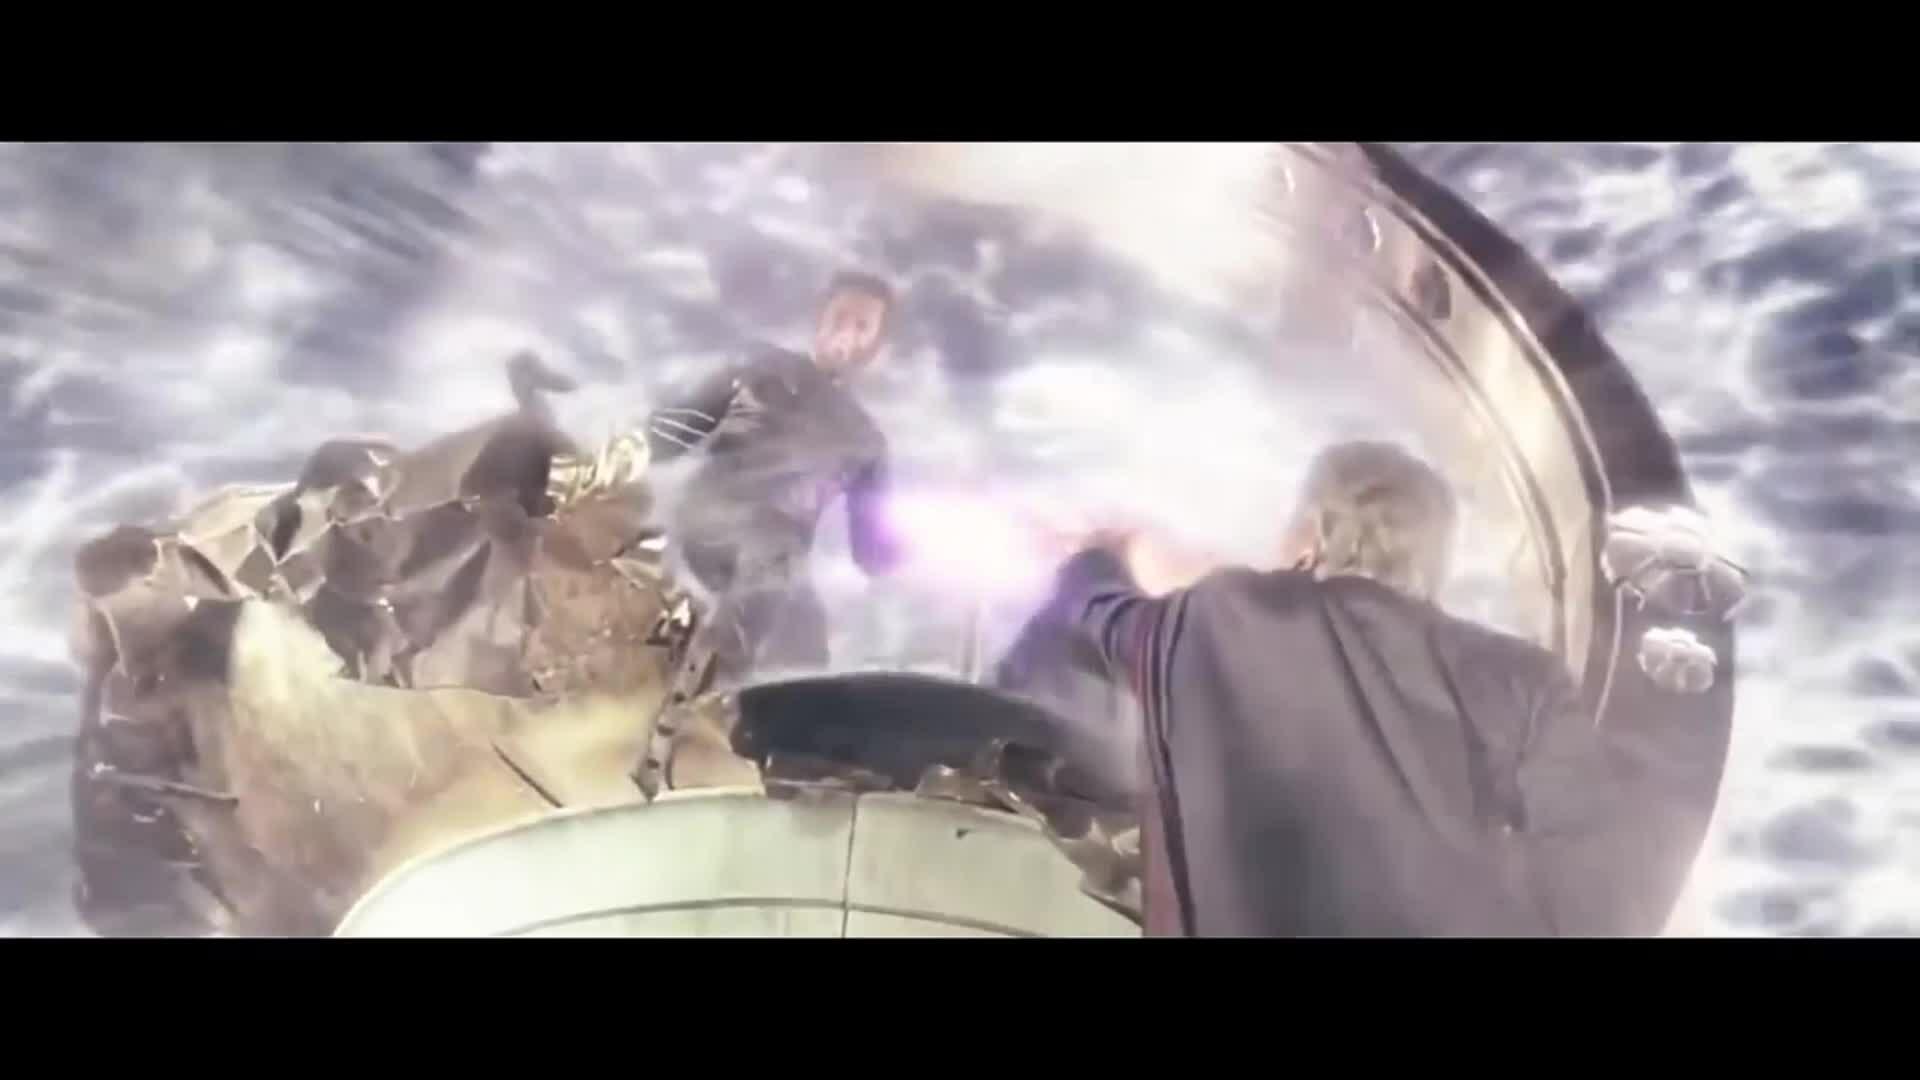 Trận chiến trên đỉnh tượng Nữ thần tự do (X-Men)